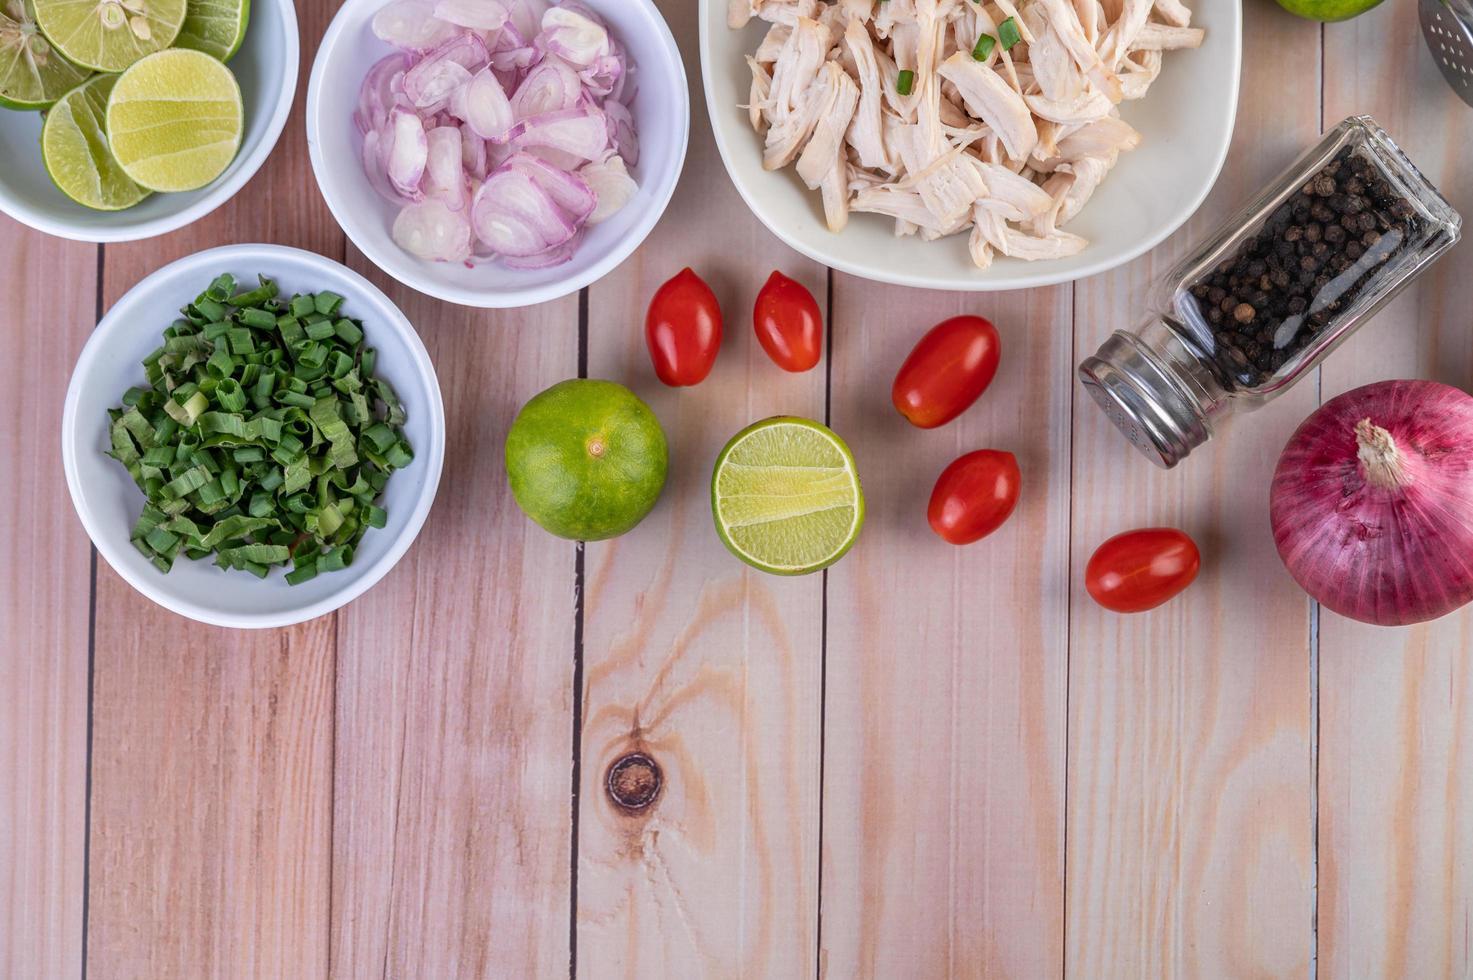 Trozos de pollo hervido con verduras y especias sobre una mesa de madera foto